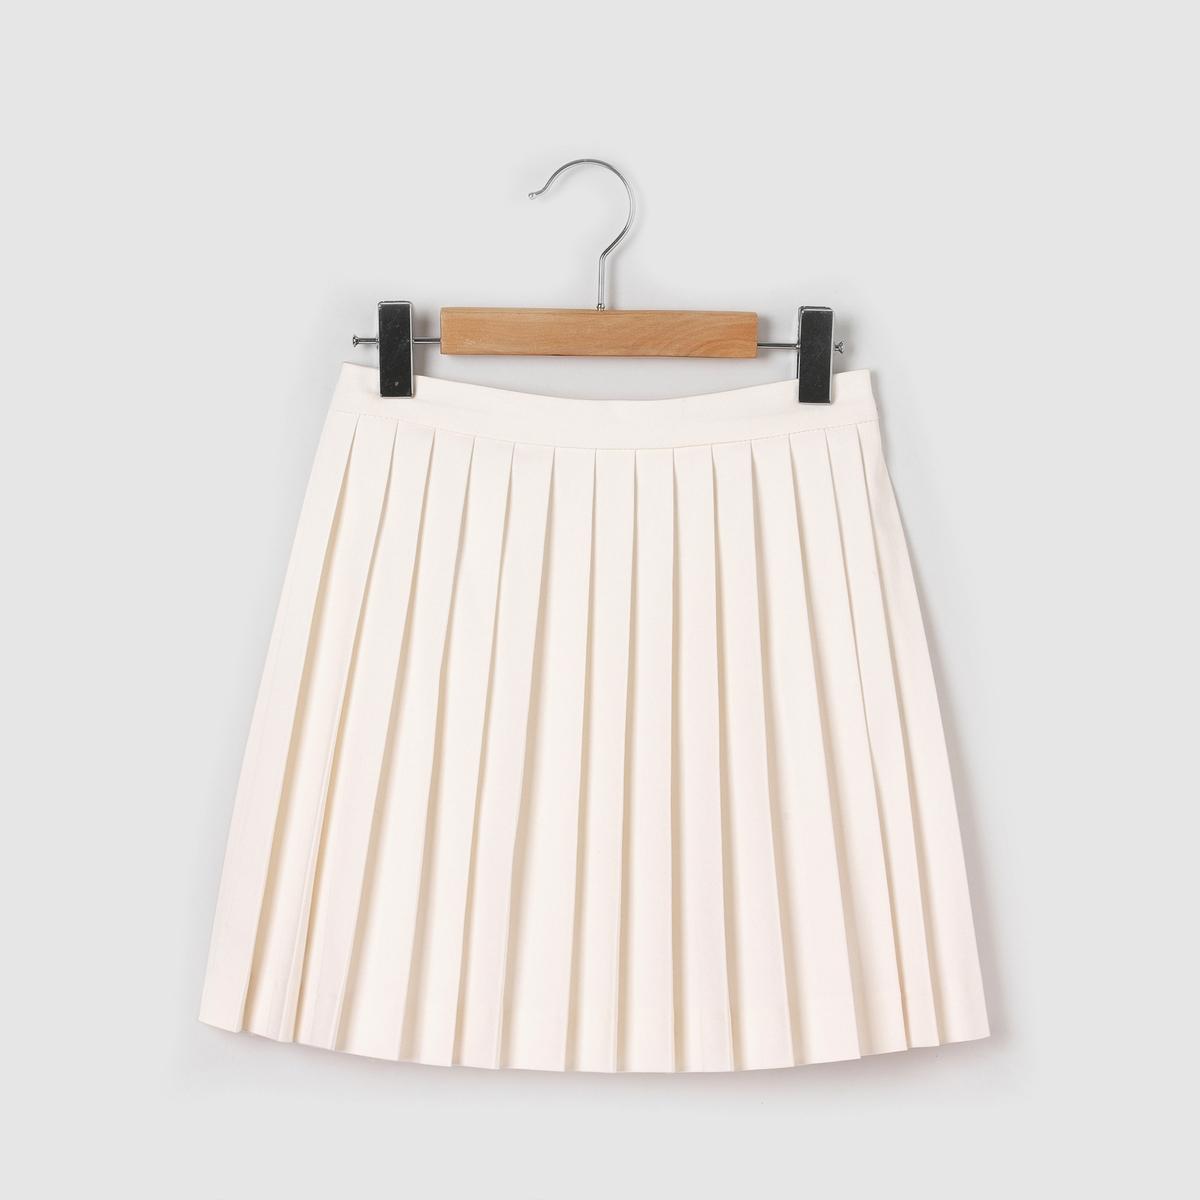 Юбка короткая с плиссировкой, 3-12 летКороткая юбка с плиссировкой и поясом на резинке сзади. Состав и описание : Материал       62% вискозы, 36% полиэстера, 2% эластанаДлина    выше коленУход :Машинная стирка при 30 °C с вещами схожих цветов.Машинная сушка запрещена.Гладить при умеренной температуре.<br><br>Цвет: белый<br>Размер: 6 лет - 114 см